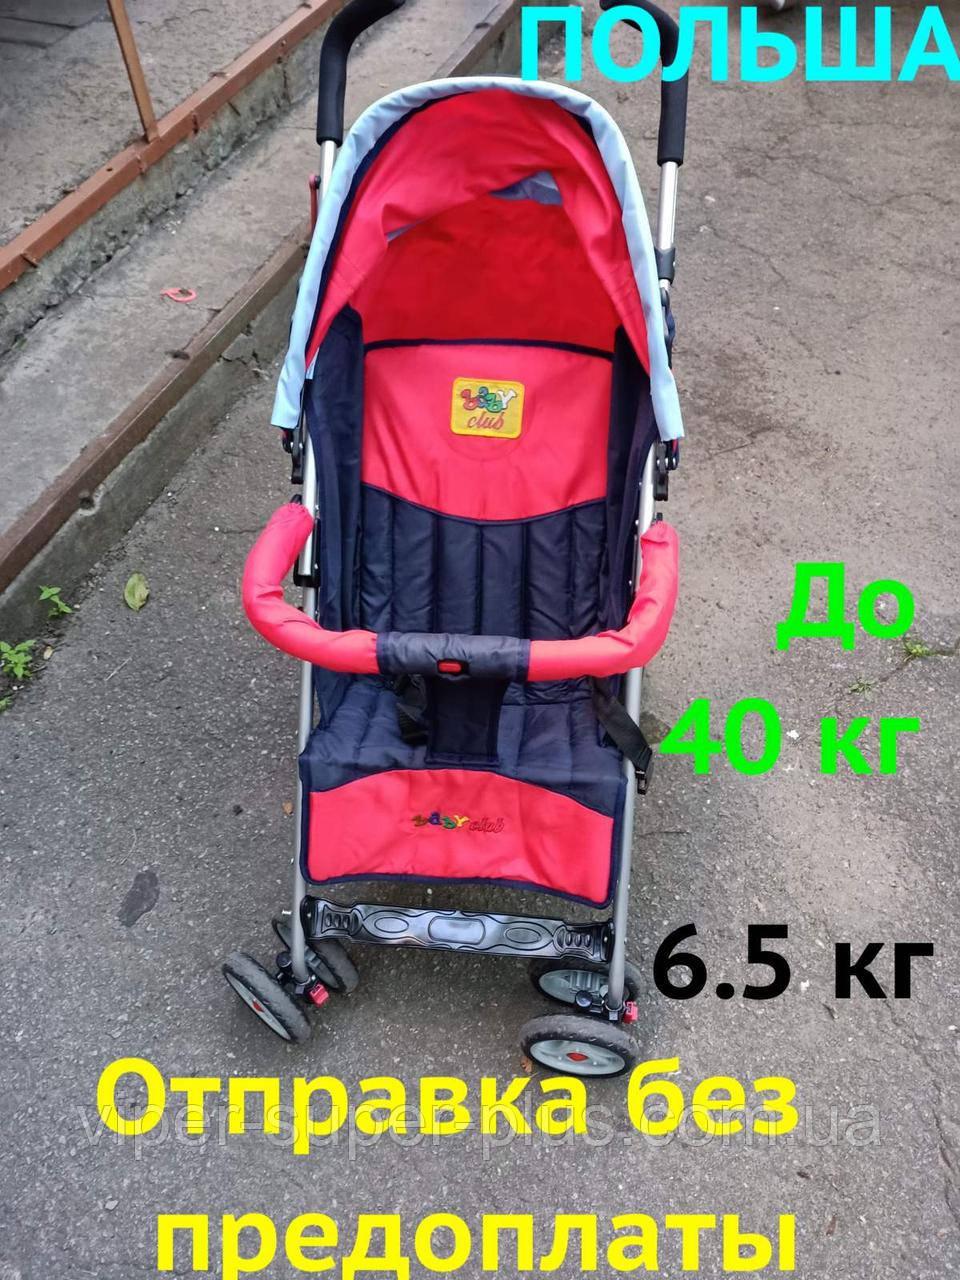 ⭐✅ Дитяча Коляска Тростина Baby Club BC-11-V Салатово-Блакитний, 6.5 кг, 3 положення. НОВА! Польща!